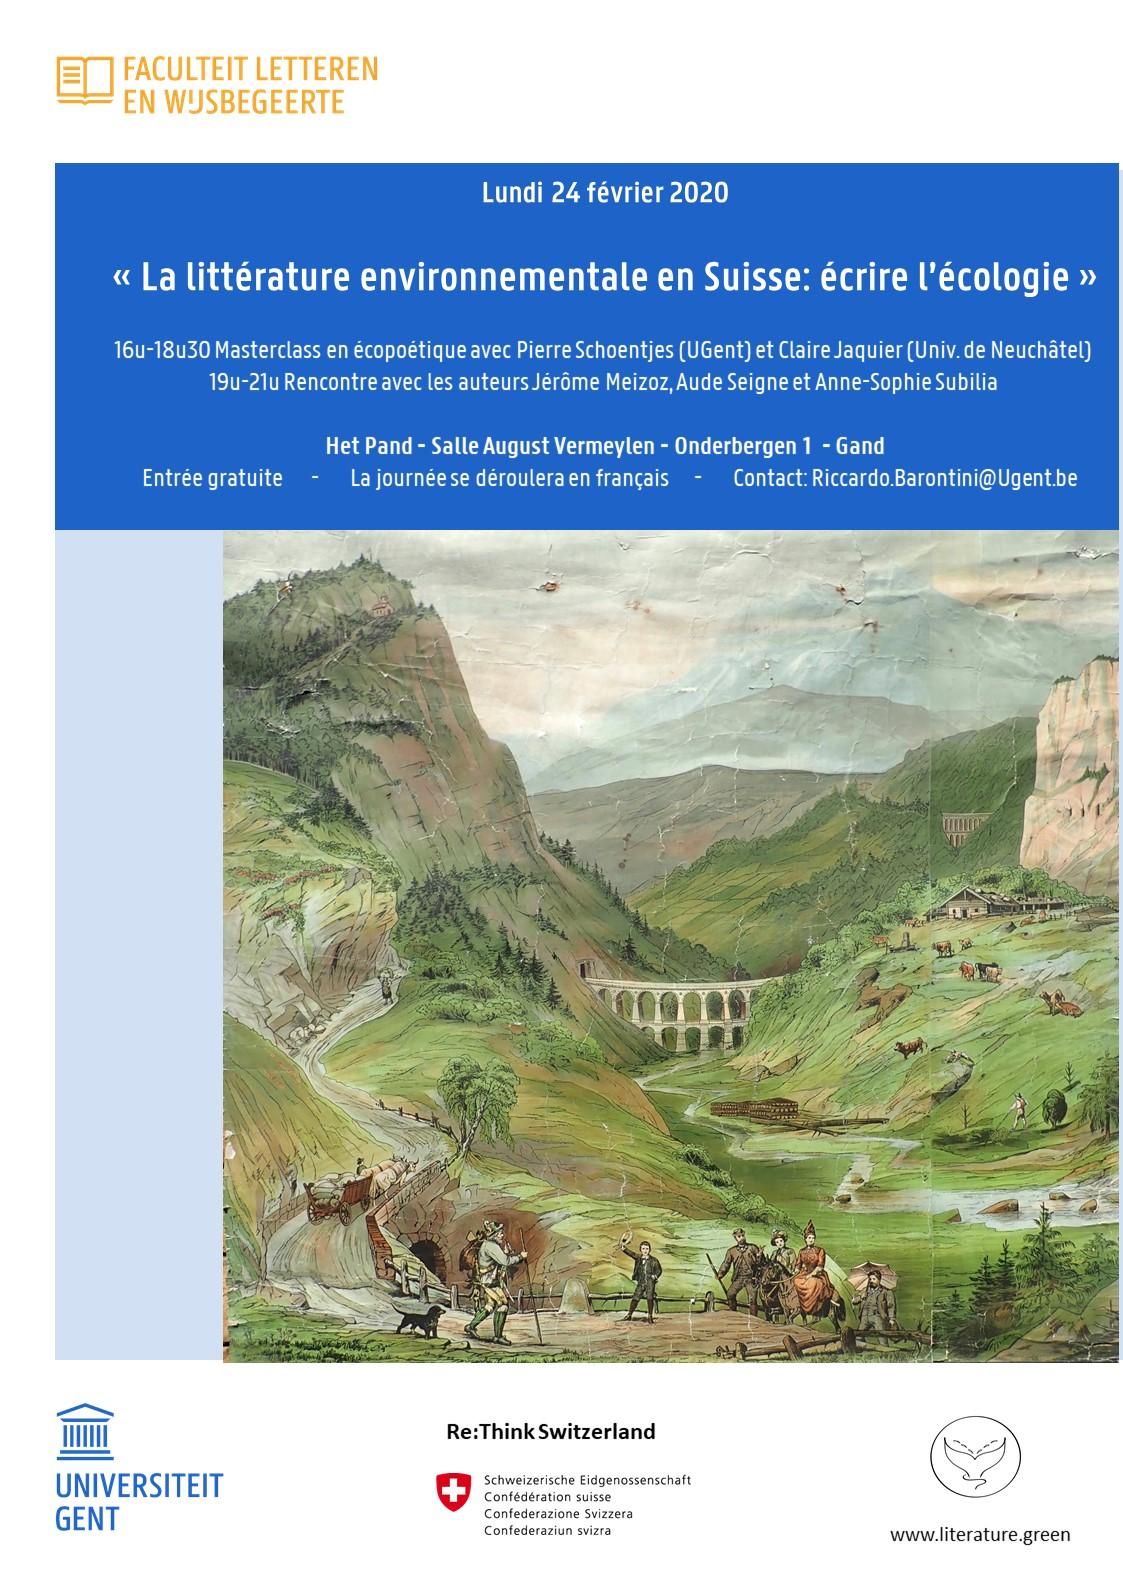 La littérature environnementale en Suisse: écrire l'écologie (Gand, Belgique)